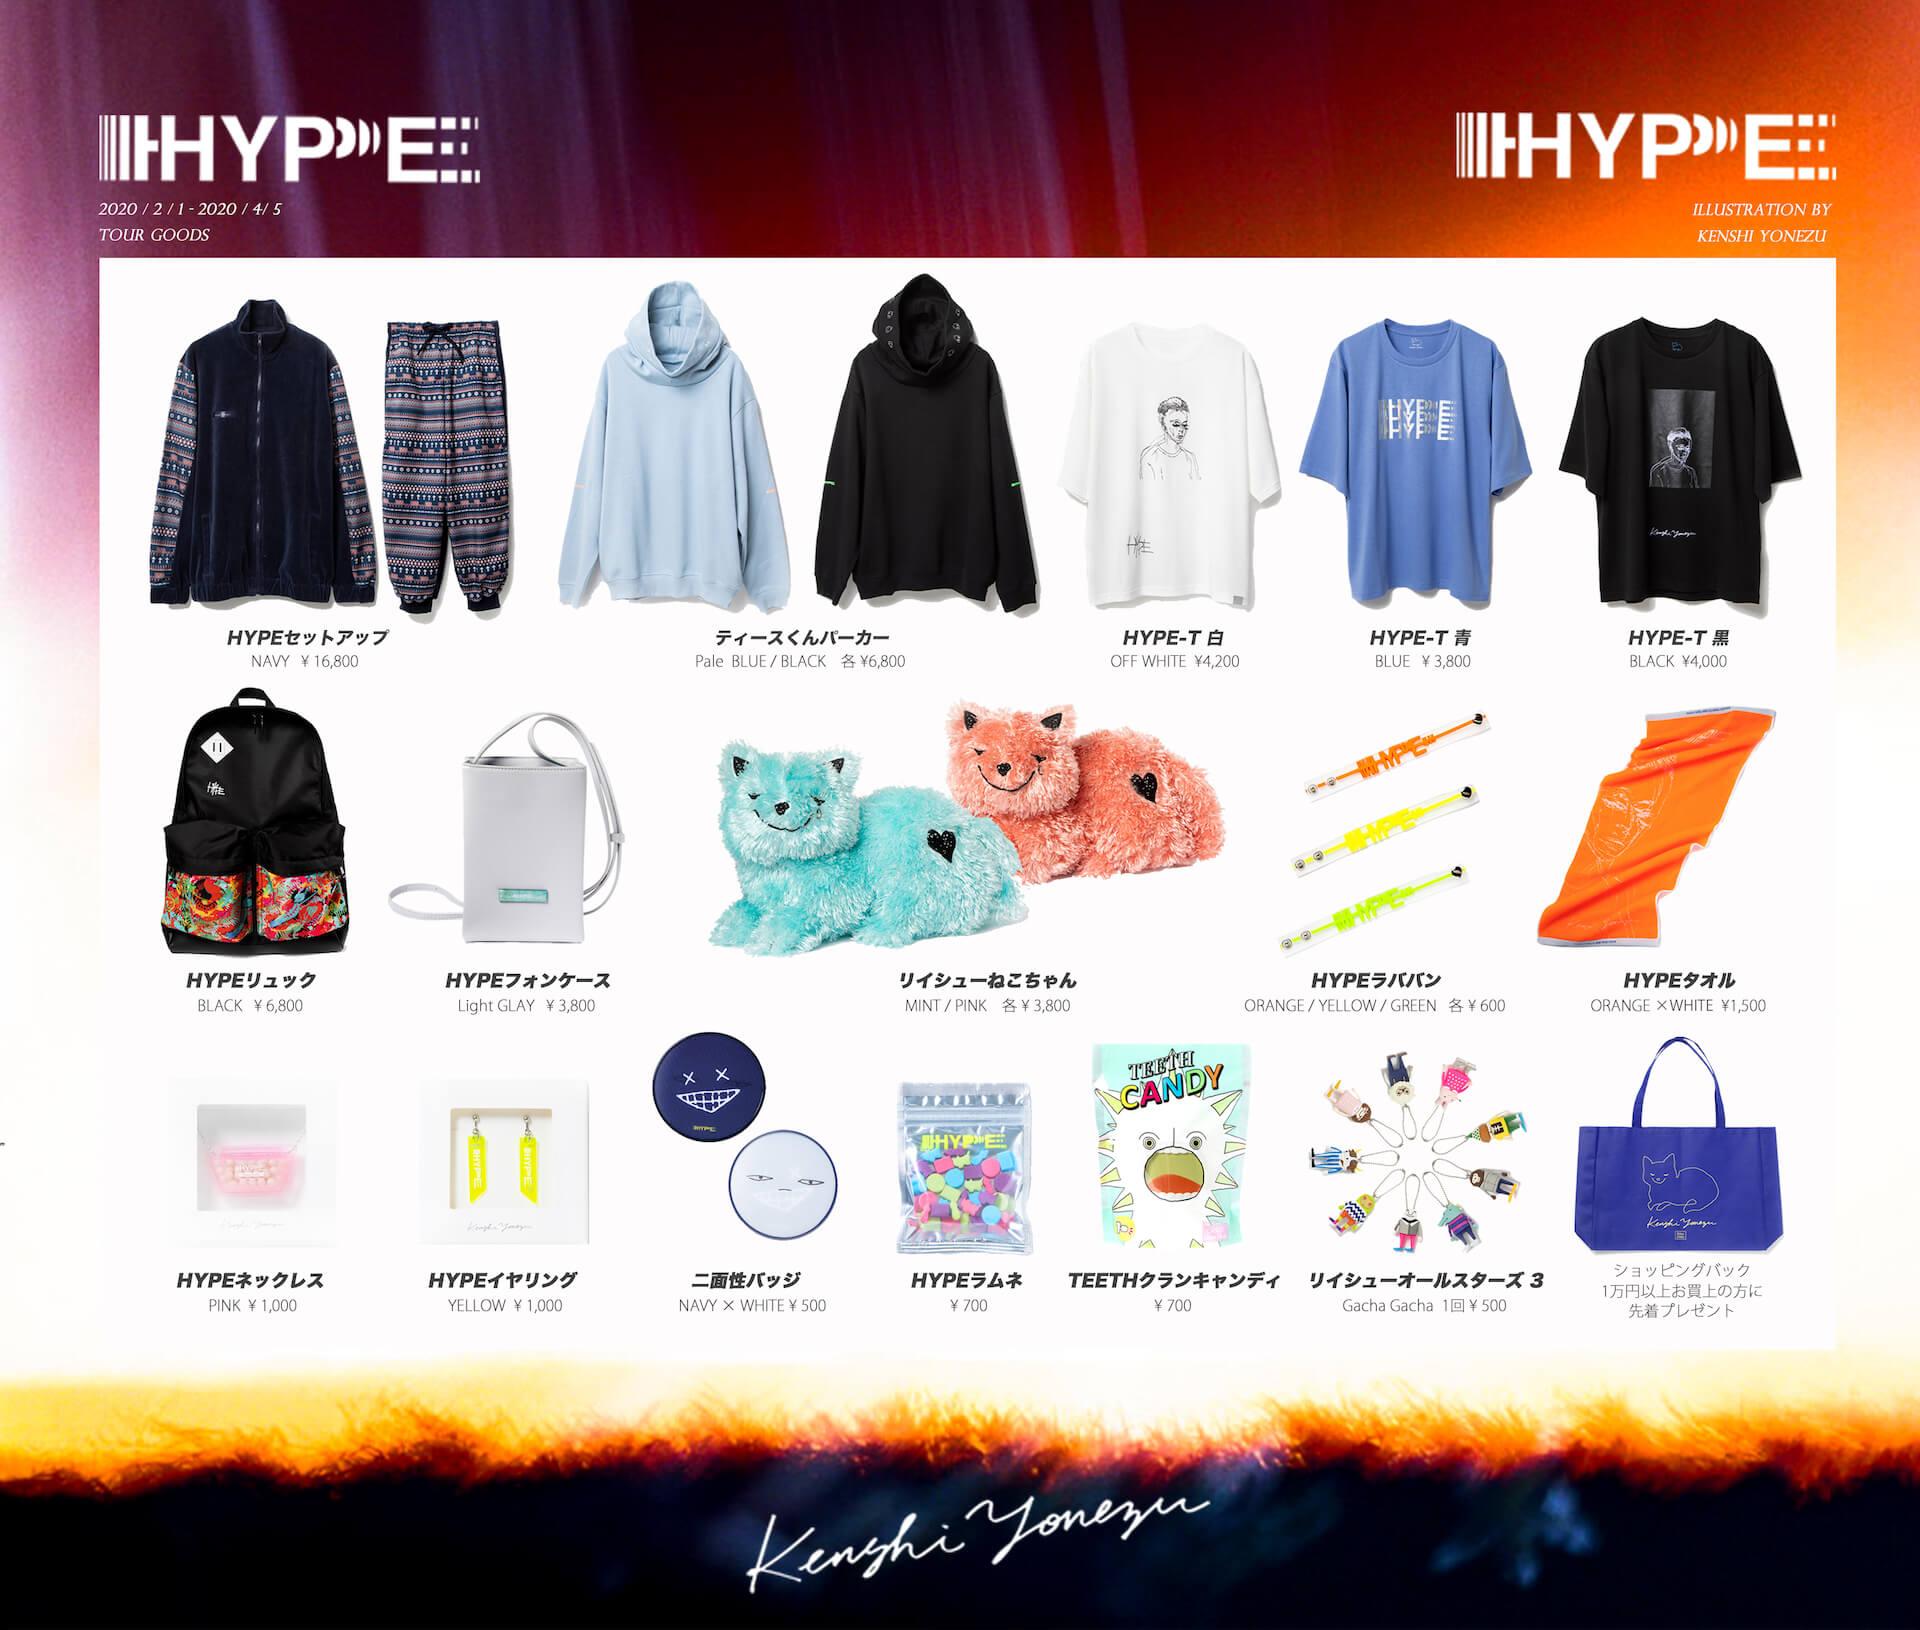 米津玄師本人描き下ろしのイラストがTシャツやタオルに!<米津玄師 2020 TOUR / HYPE>のグッズビジュアルが一挙公開 music200120_yonezukenshi_goods_2